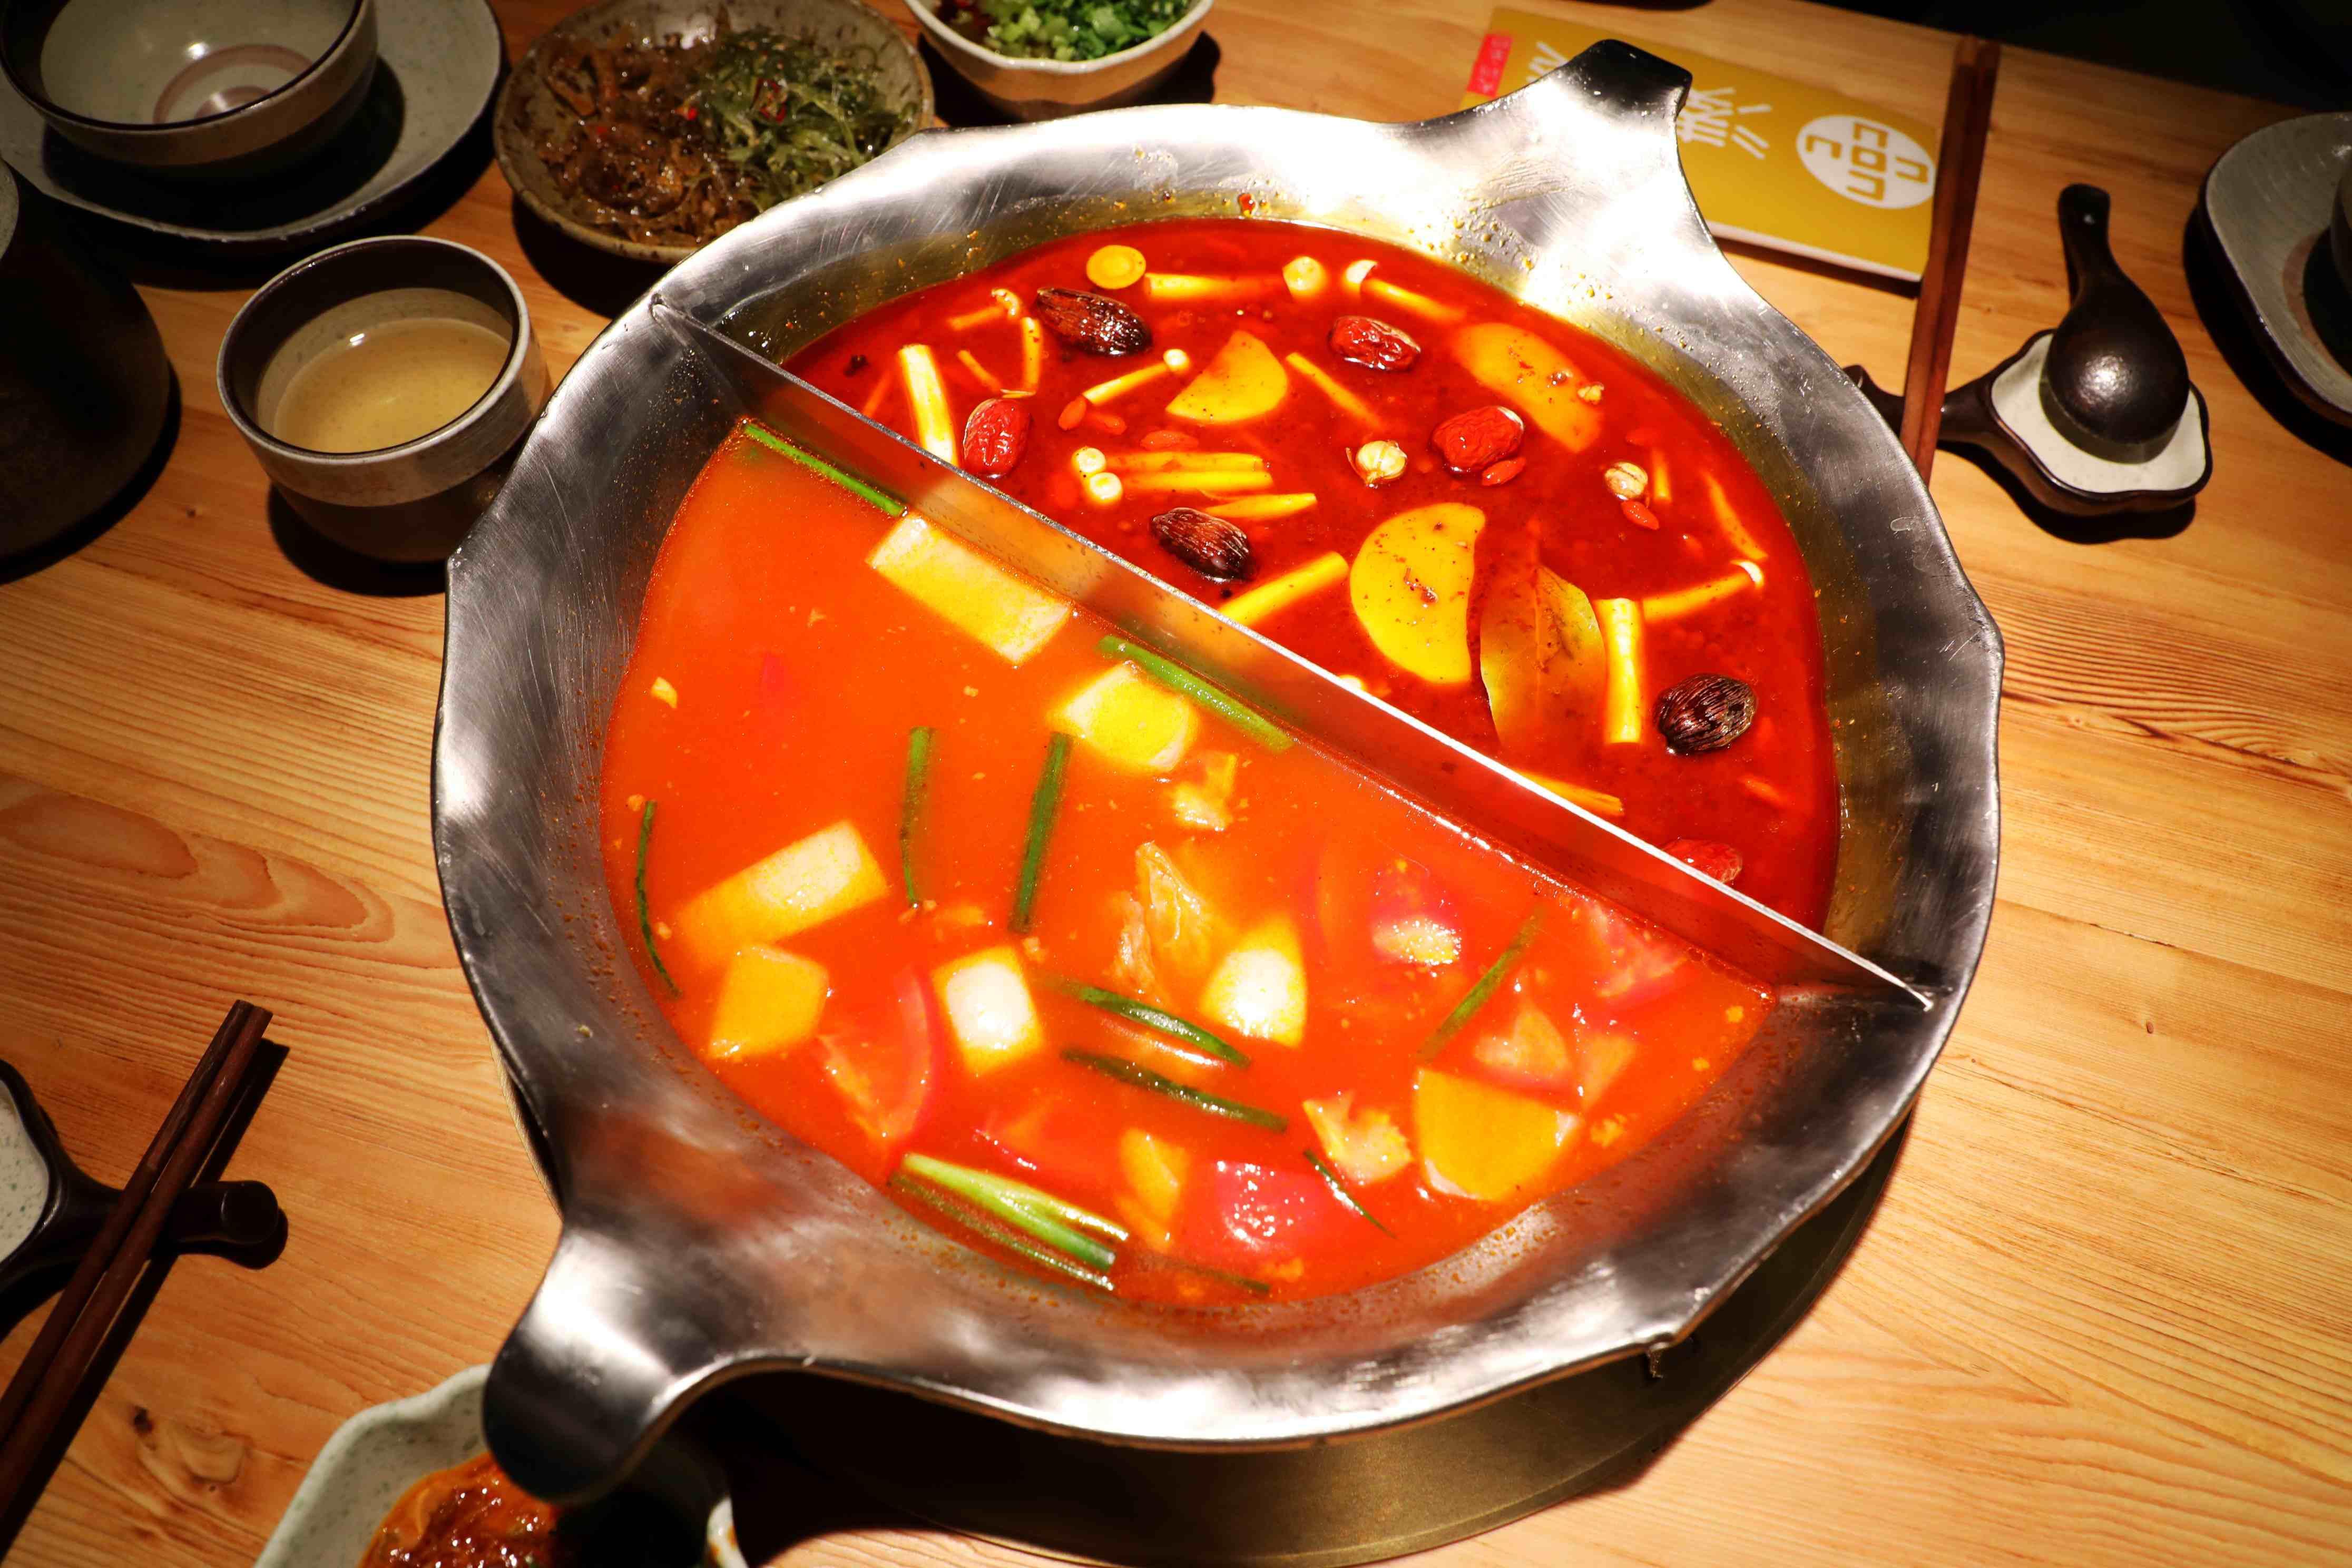 「杭州故事v故事」呷哺流程倾力打造的杭州网红凑凑美食来台湾了集团提放法火锅图片